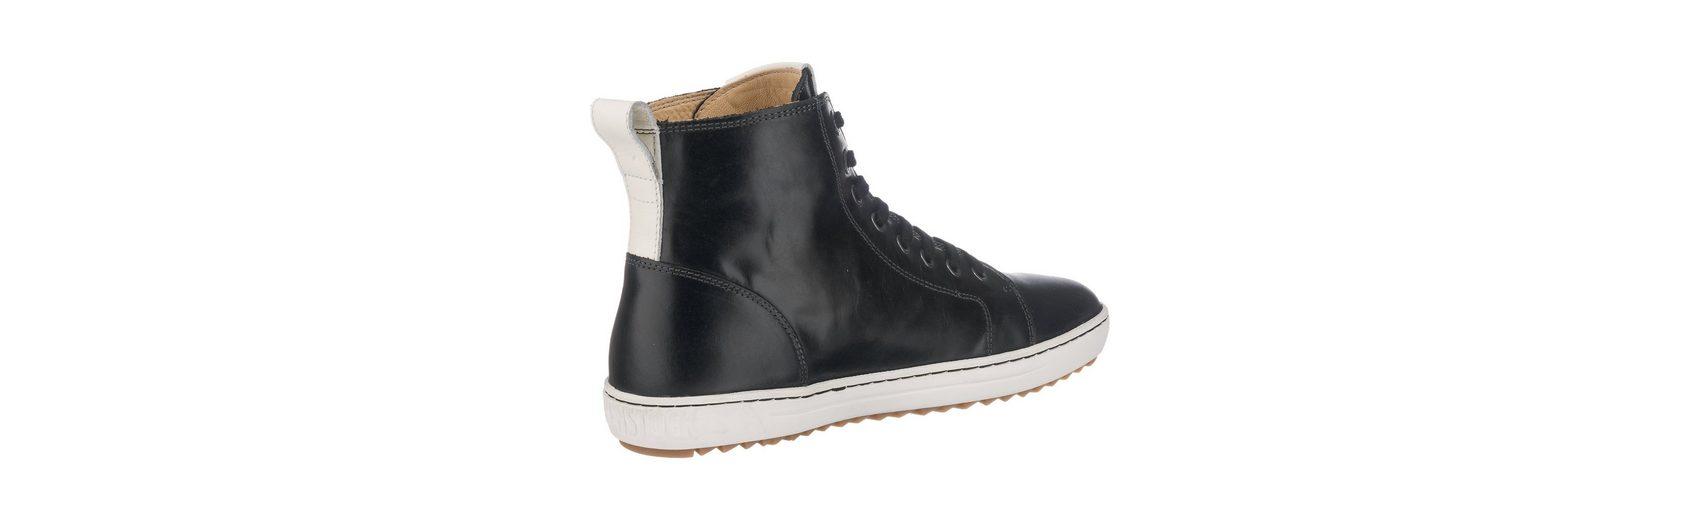 Ebay Zum Verkauf Spielraum Günstigsten Preis BIRKENSTOCK Bartlett Women Sneakers schmal Rabatt In Deutschland  Wie Viel Niedrig Versandkosten Für Verkauf dDbST7hG